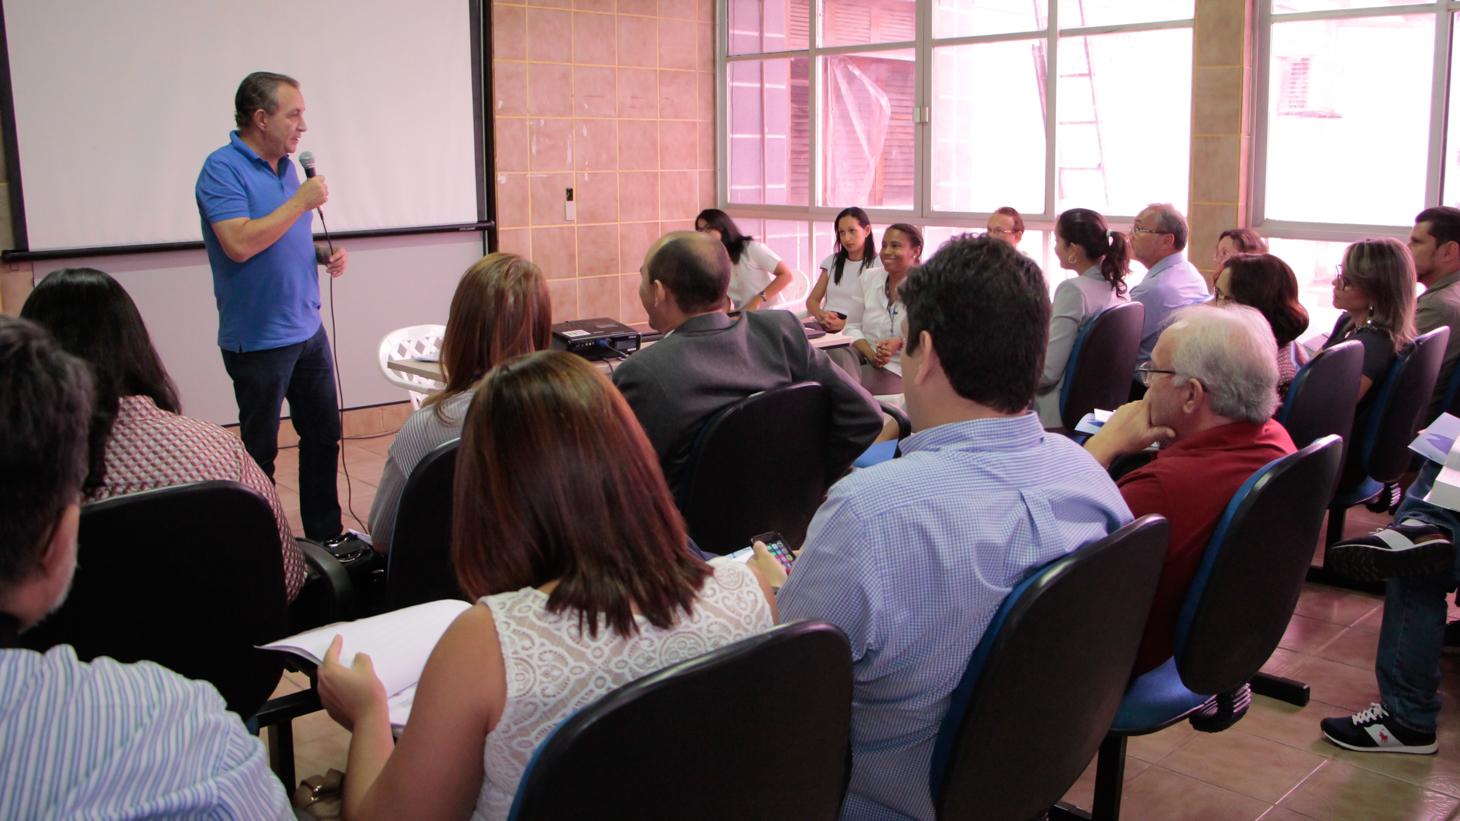 Foto 1 - Prefeito Luis Fernando durante reunião com gestores do Sebrae e da Prefeitura